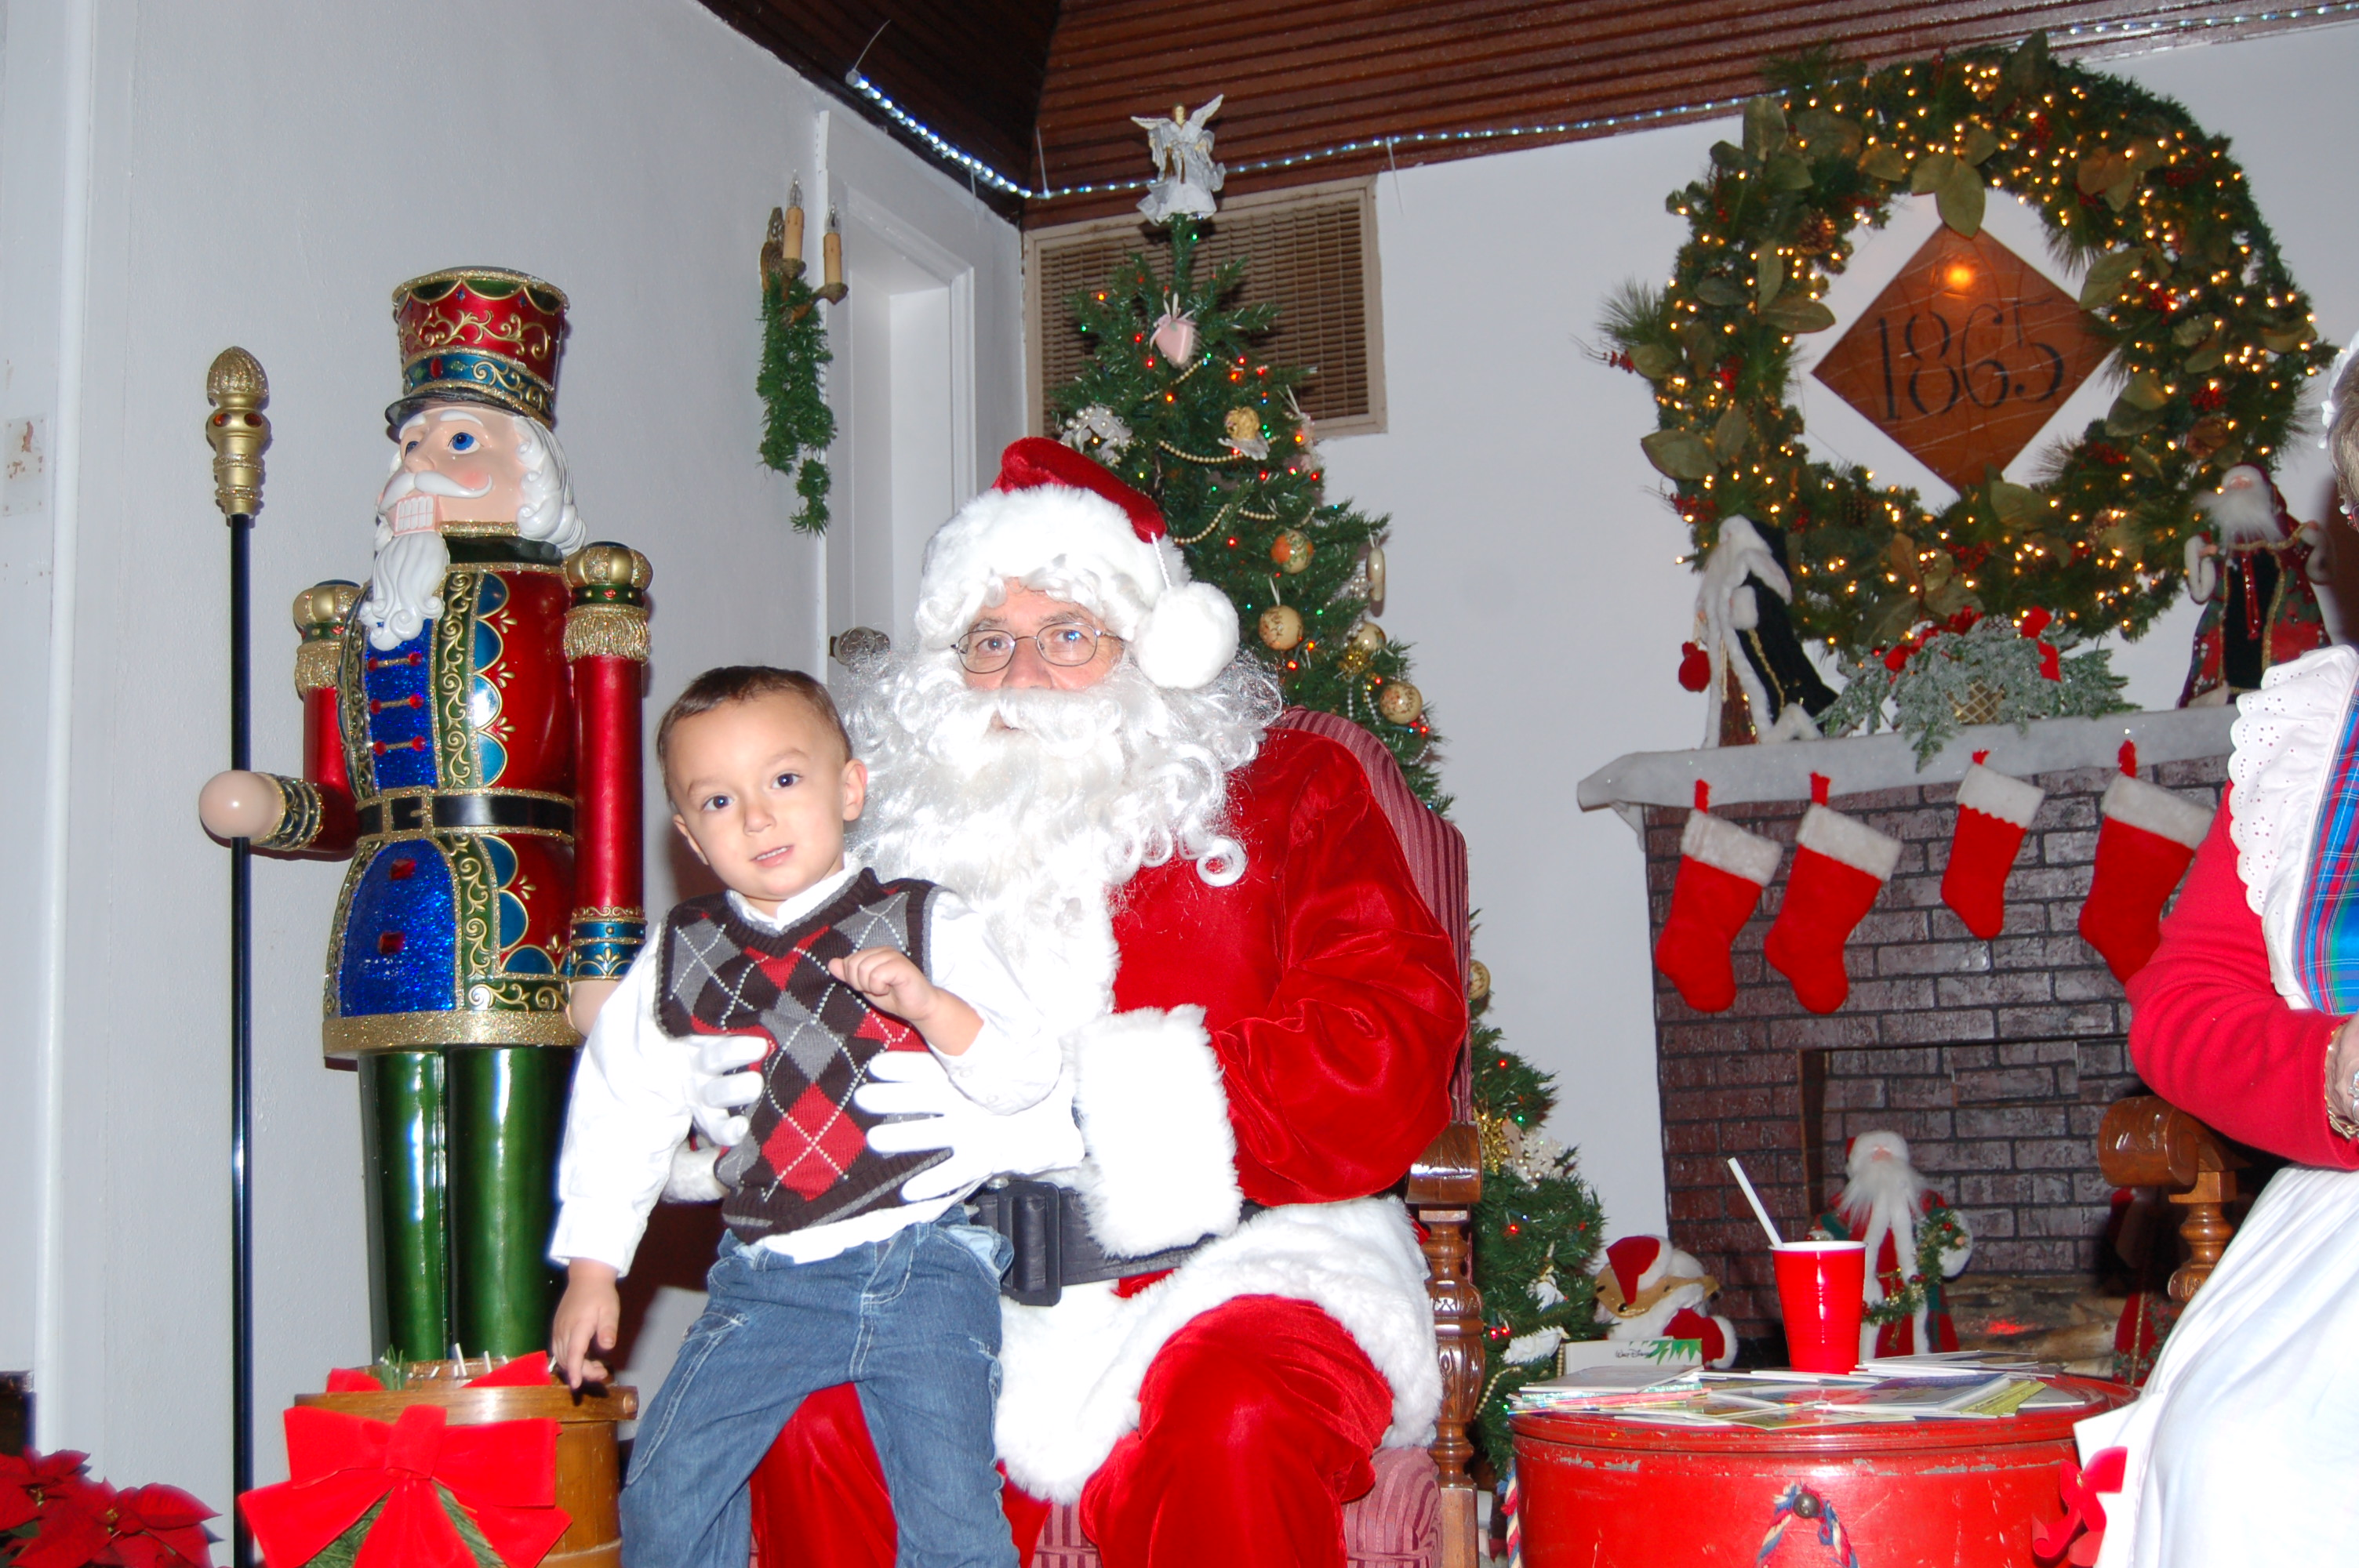 LolliPop+Lane+12-12-2008+Picture+010.jpg